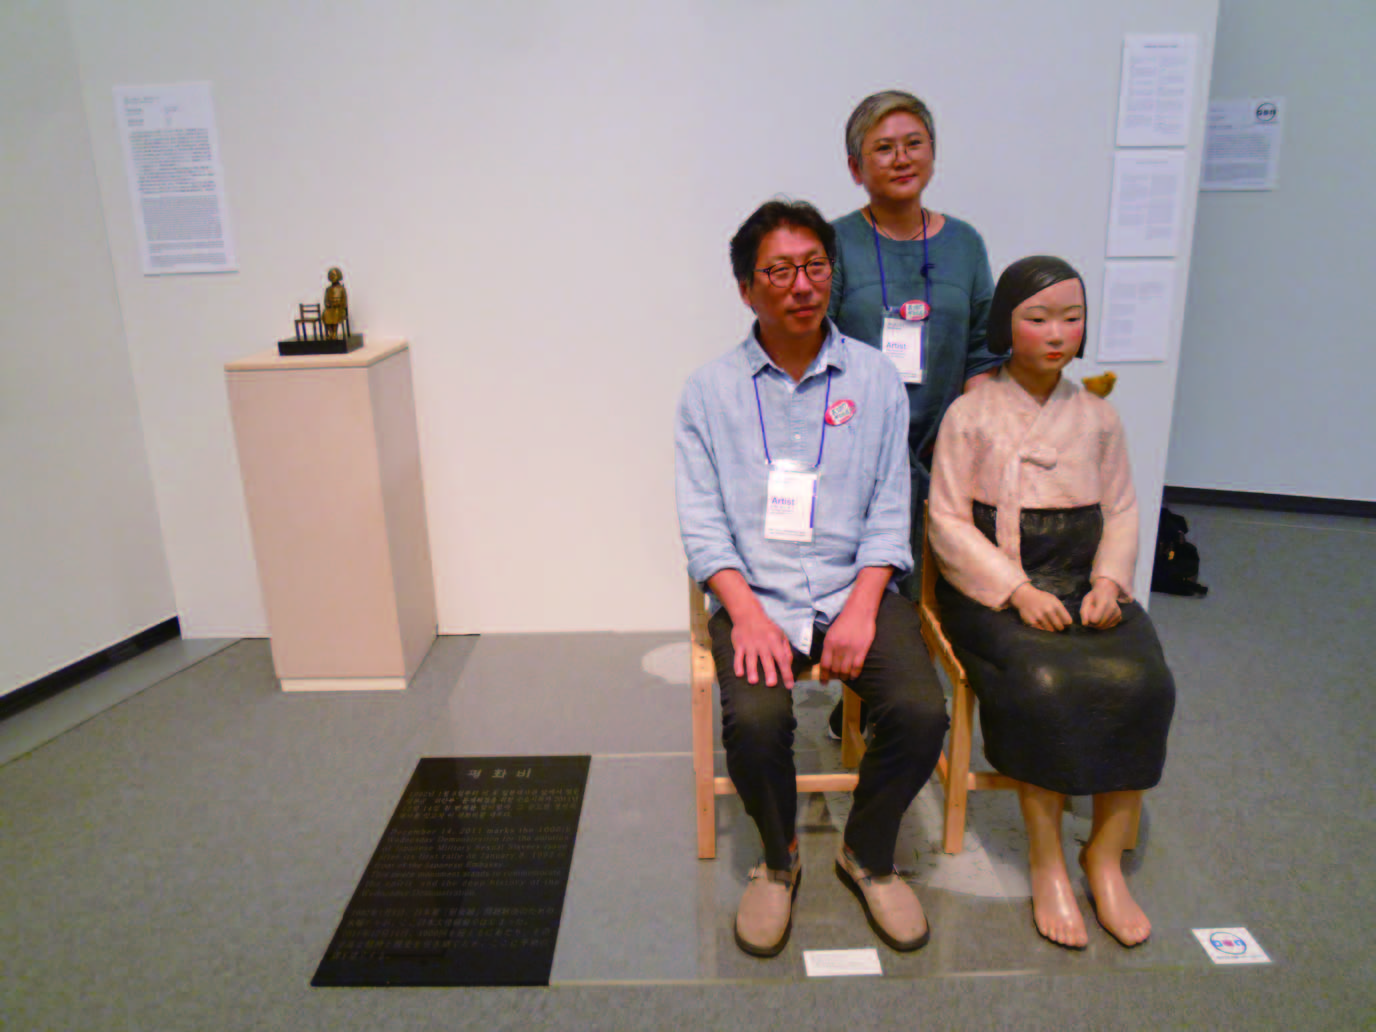 平和の少女像と制作者のキム夫妻(*中止前に筆者が撮影)